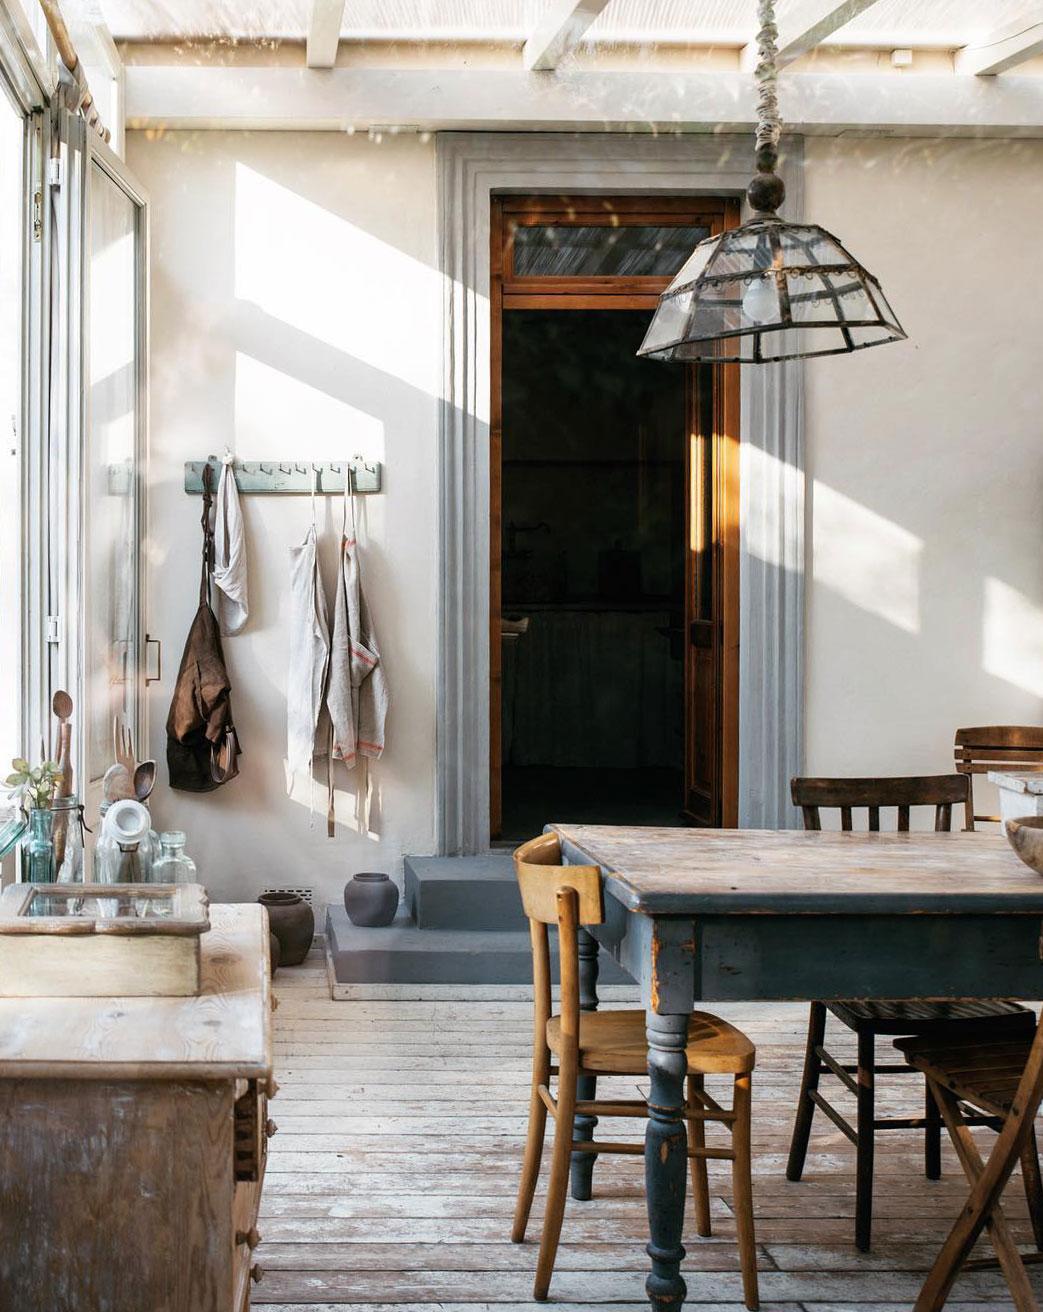 maison style italien salle à manger décoration rustique campagne - blog déco - clem around the corner